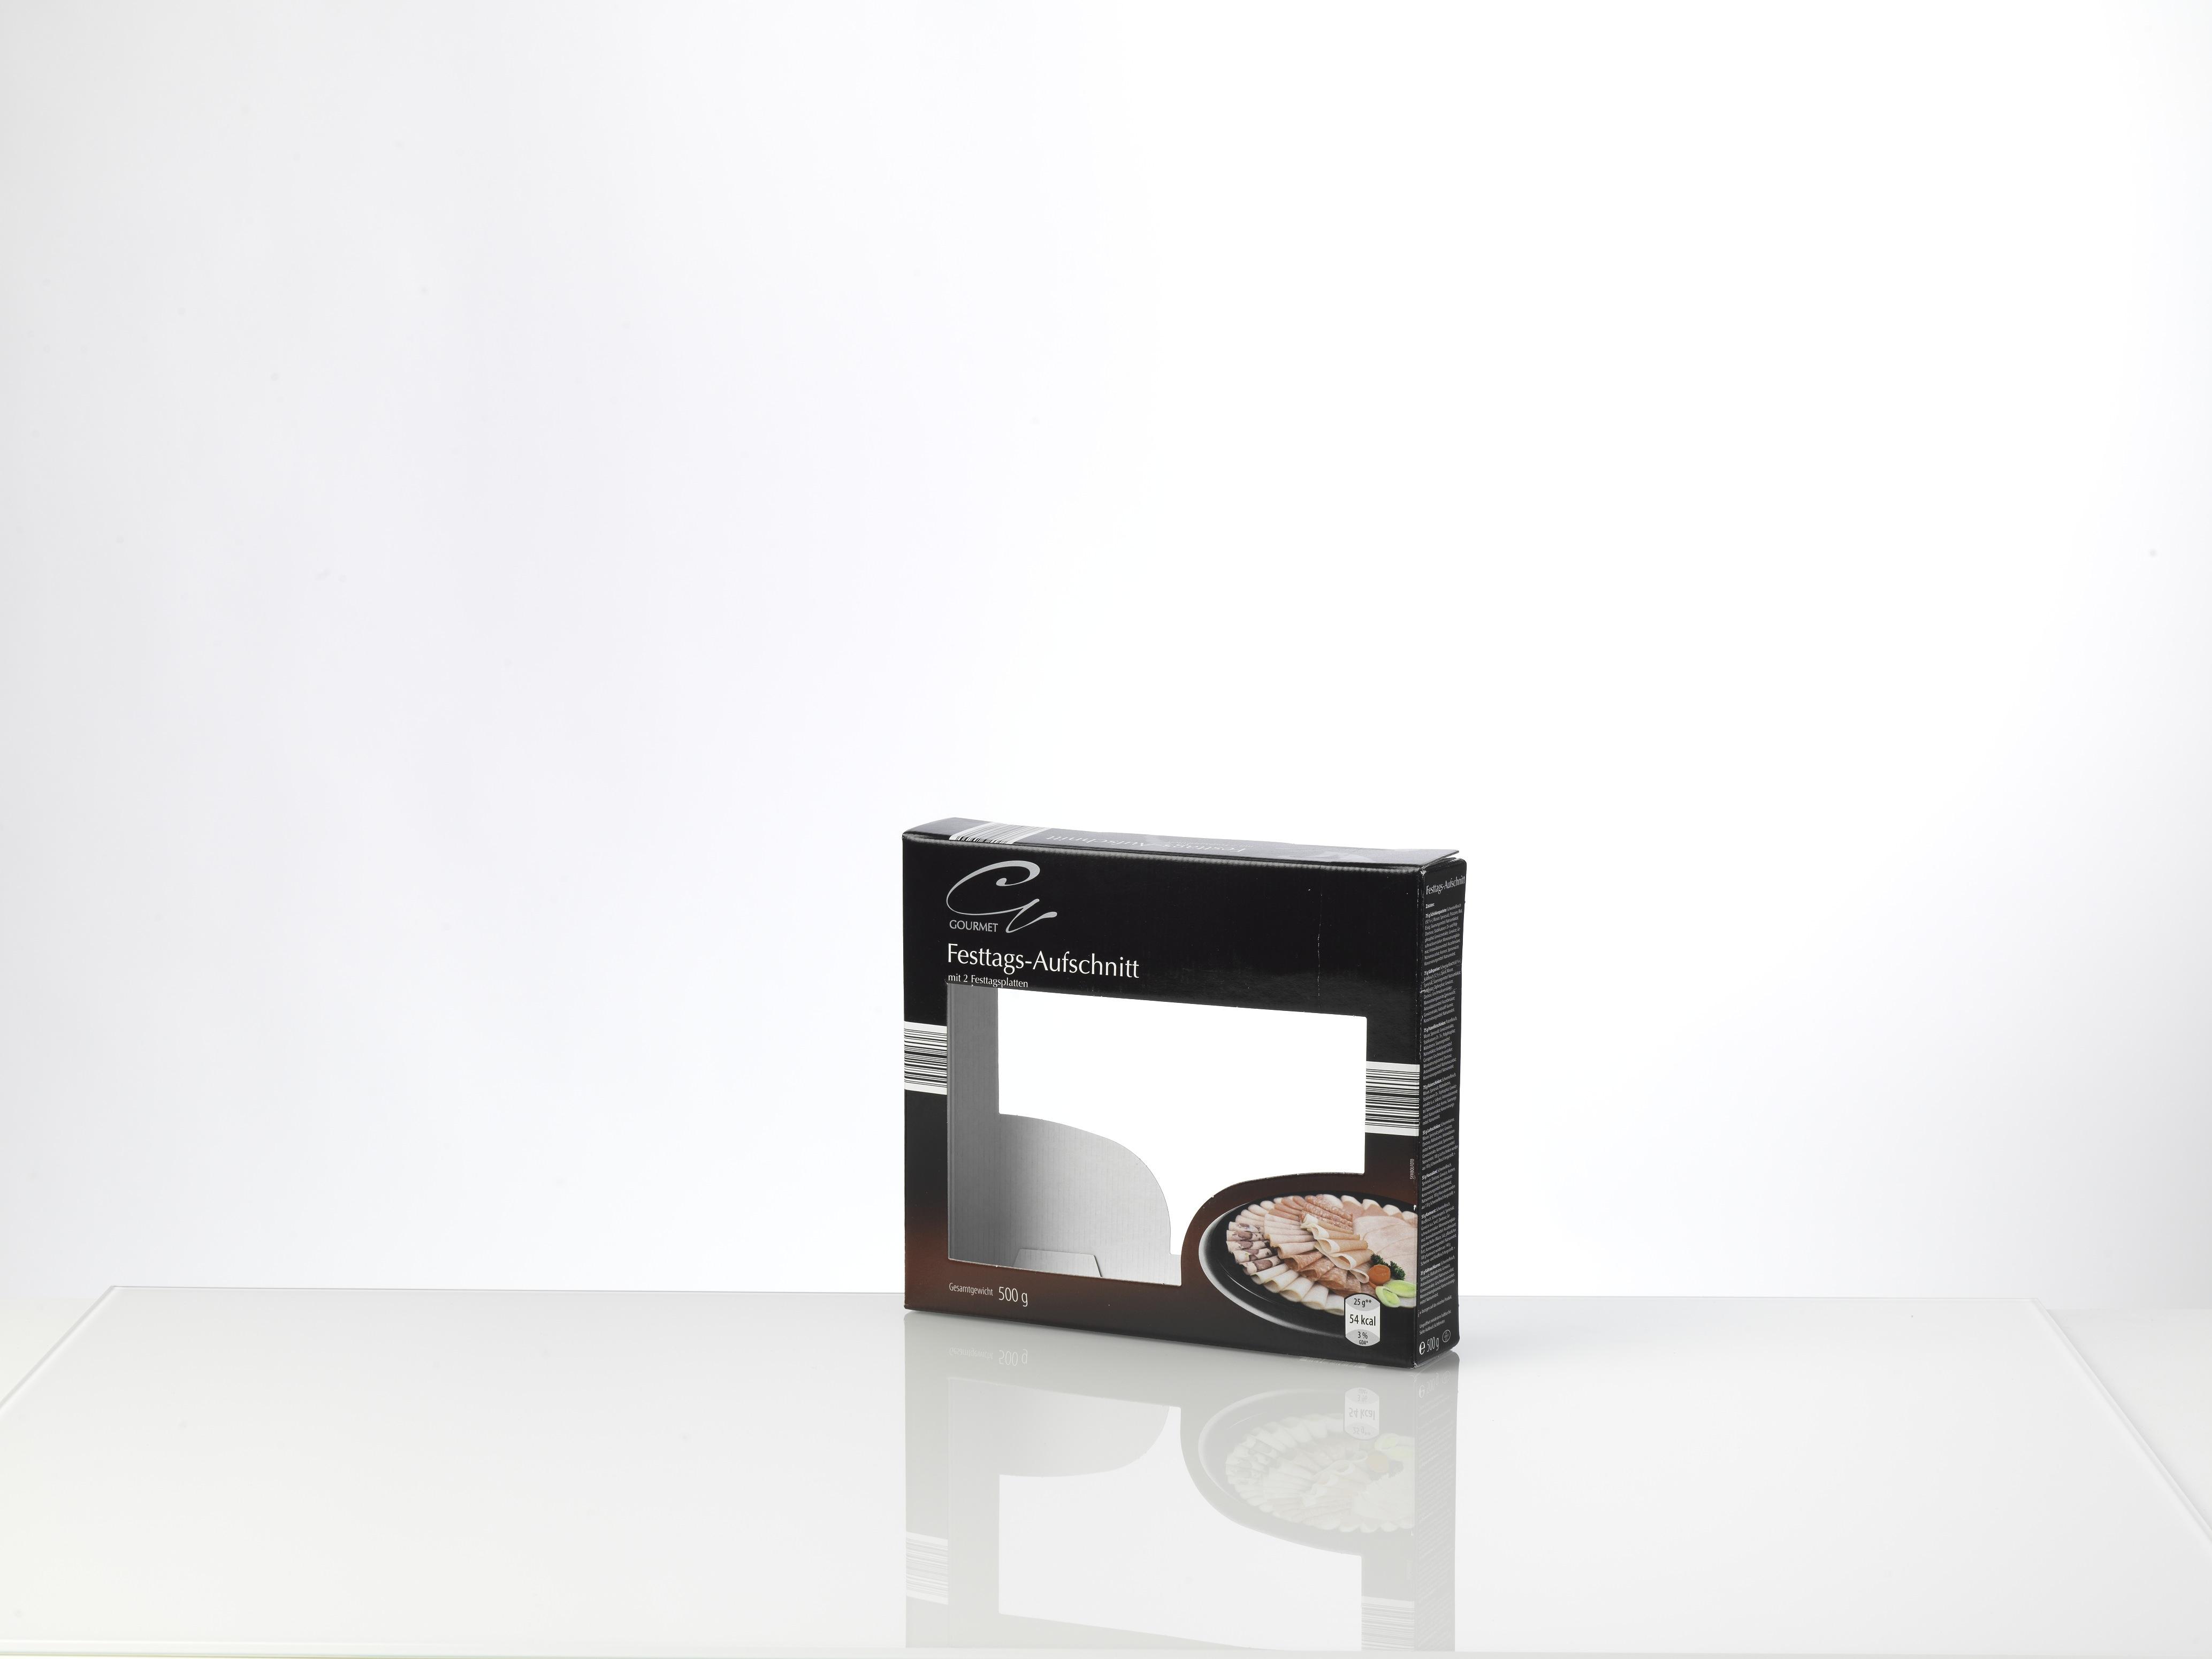 Kartonverpackung mit Sichtfenster